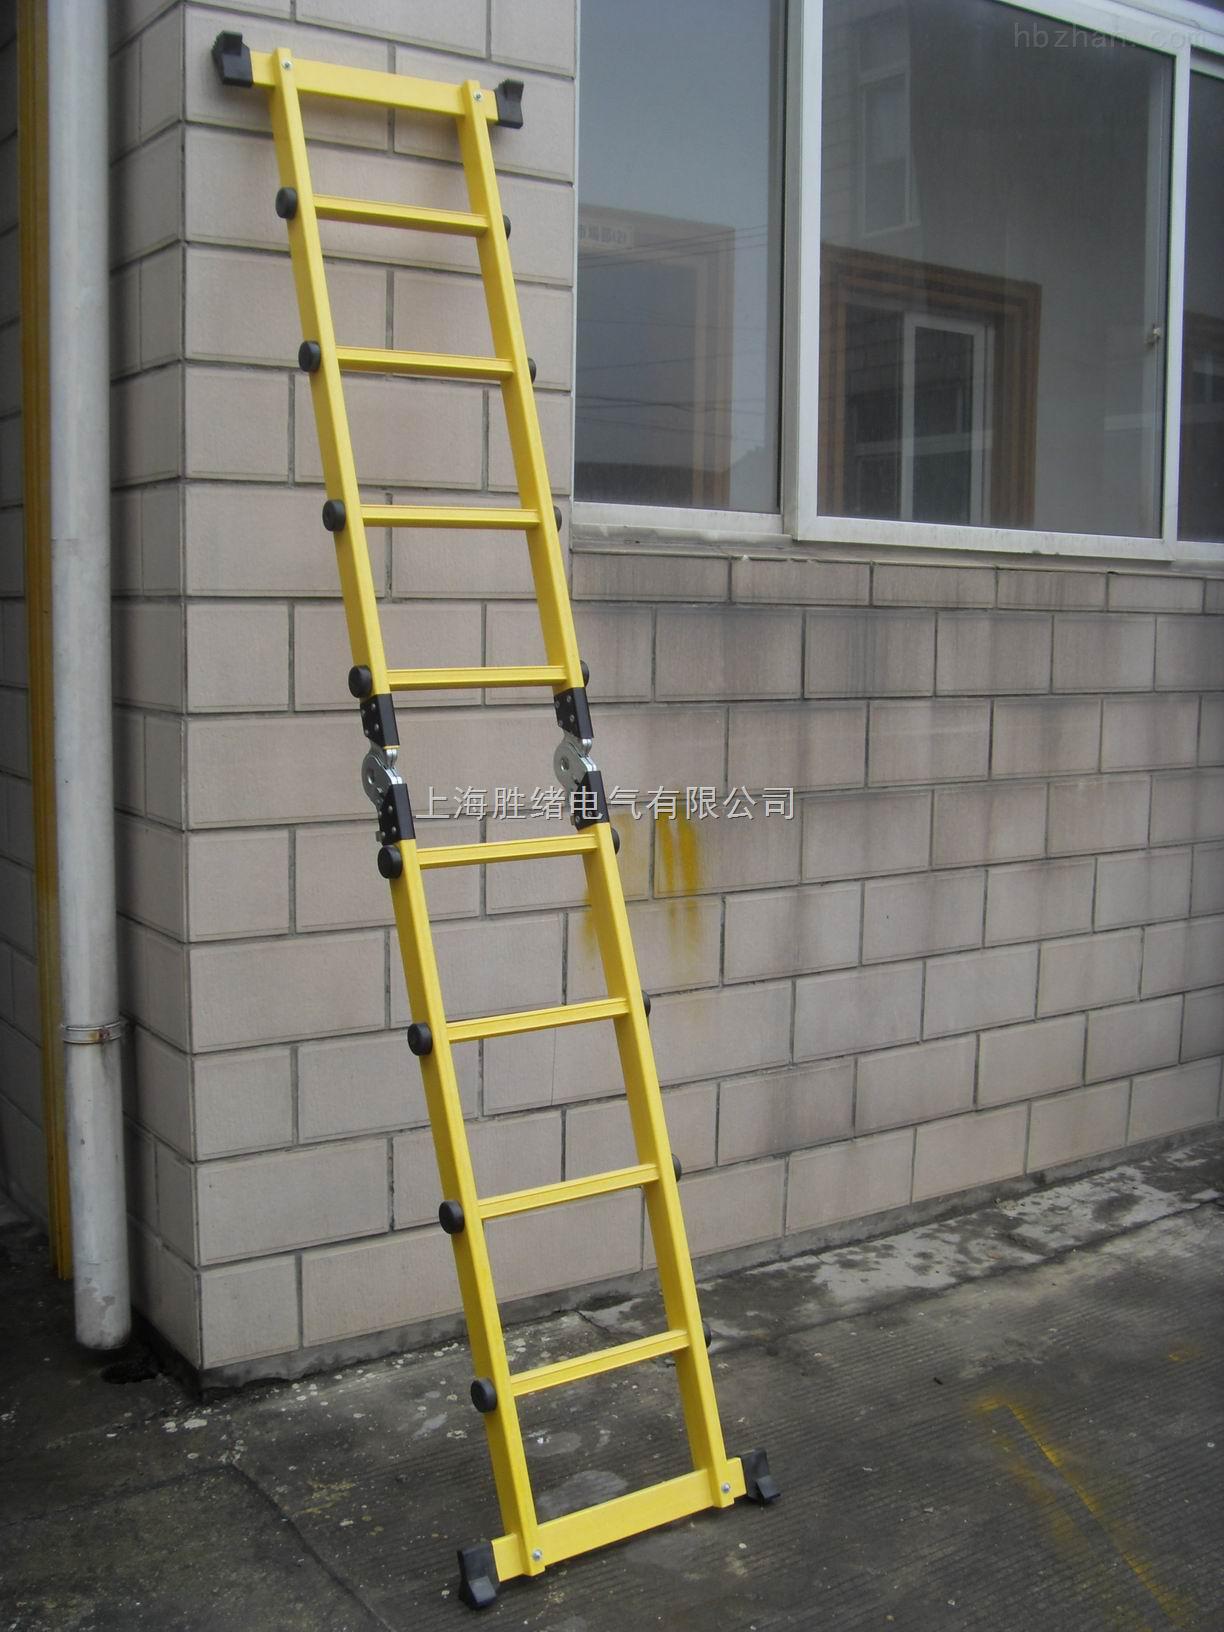 铝合金二节拉升梯*